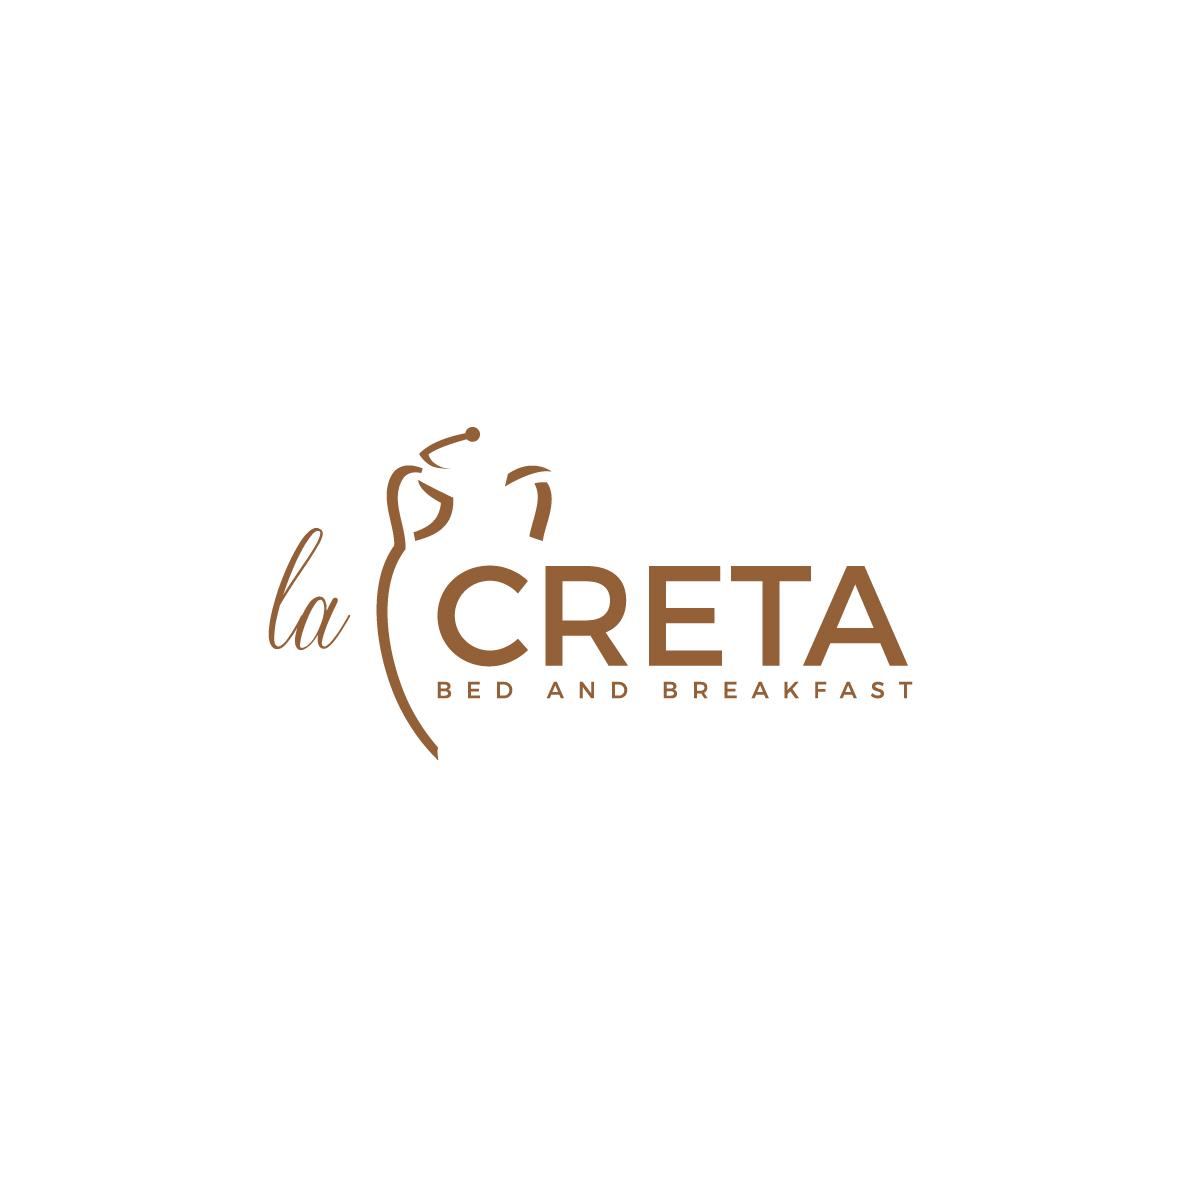 La Creta b&b